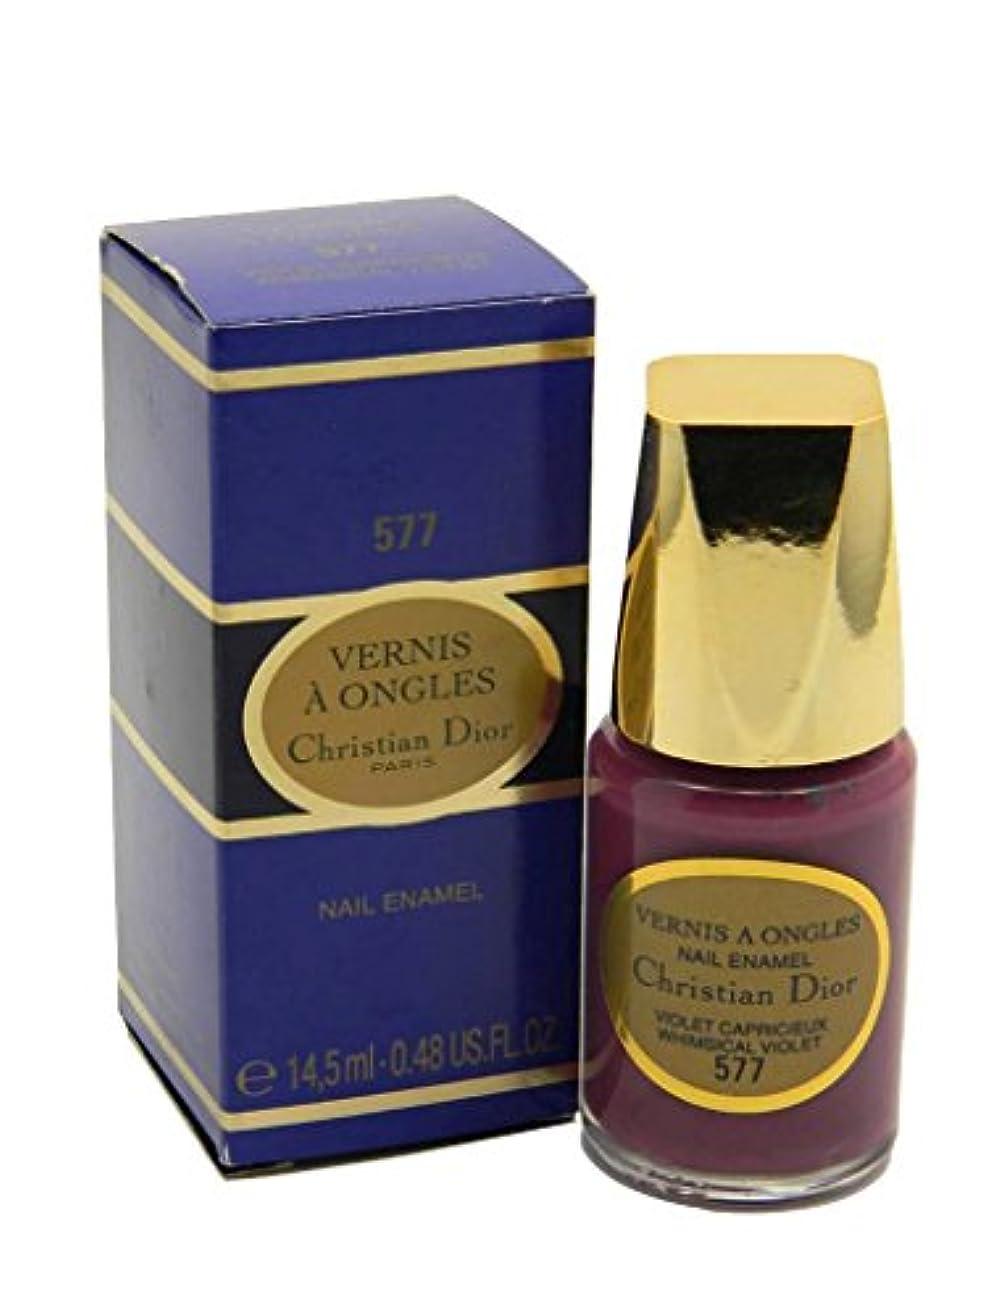 グリース助けになる受け入れDior Vernis A Ongles Nail Enamel Polish 577 Whimsical Violet(ディオール ヴェルニ ア オングル ネイルエナメル ポリッシュ 577 ウィムジカル バイオレット...